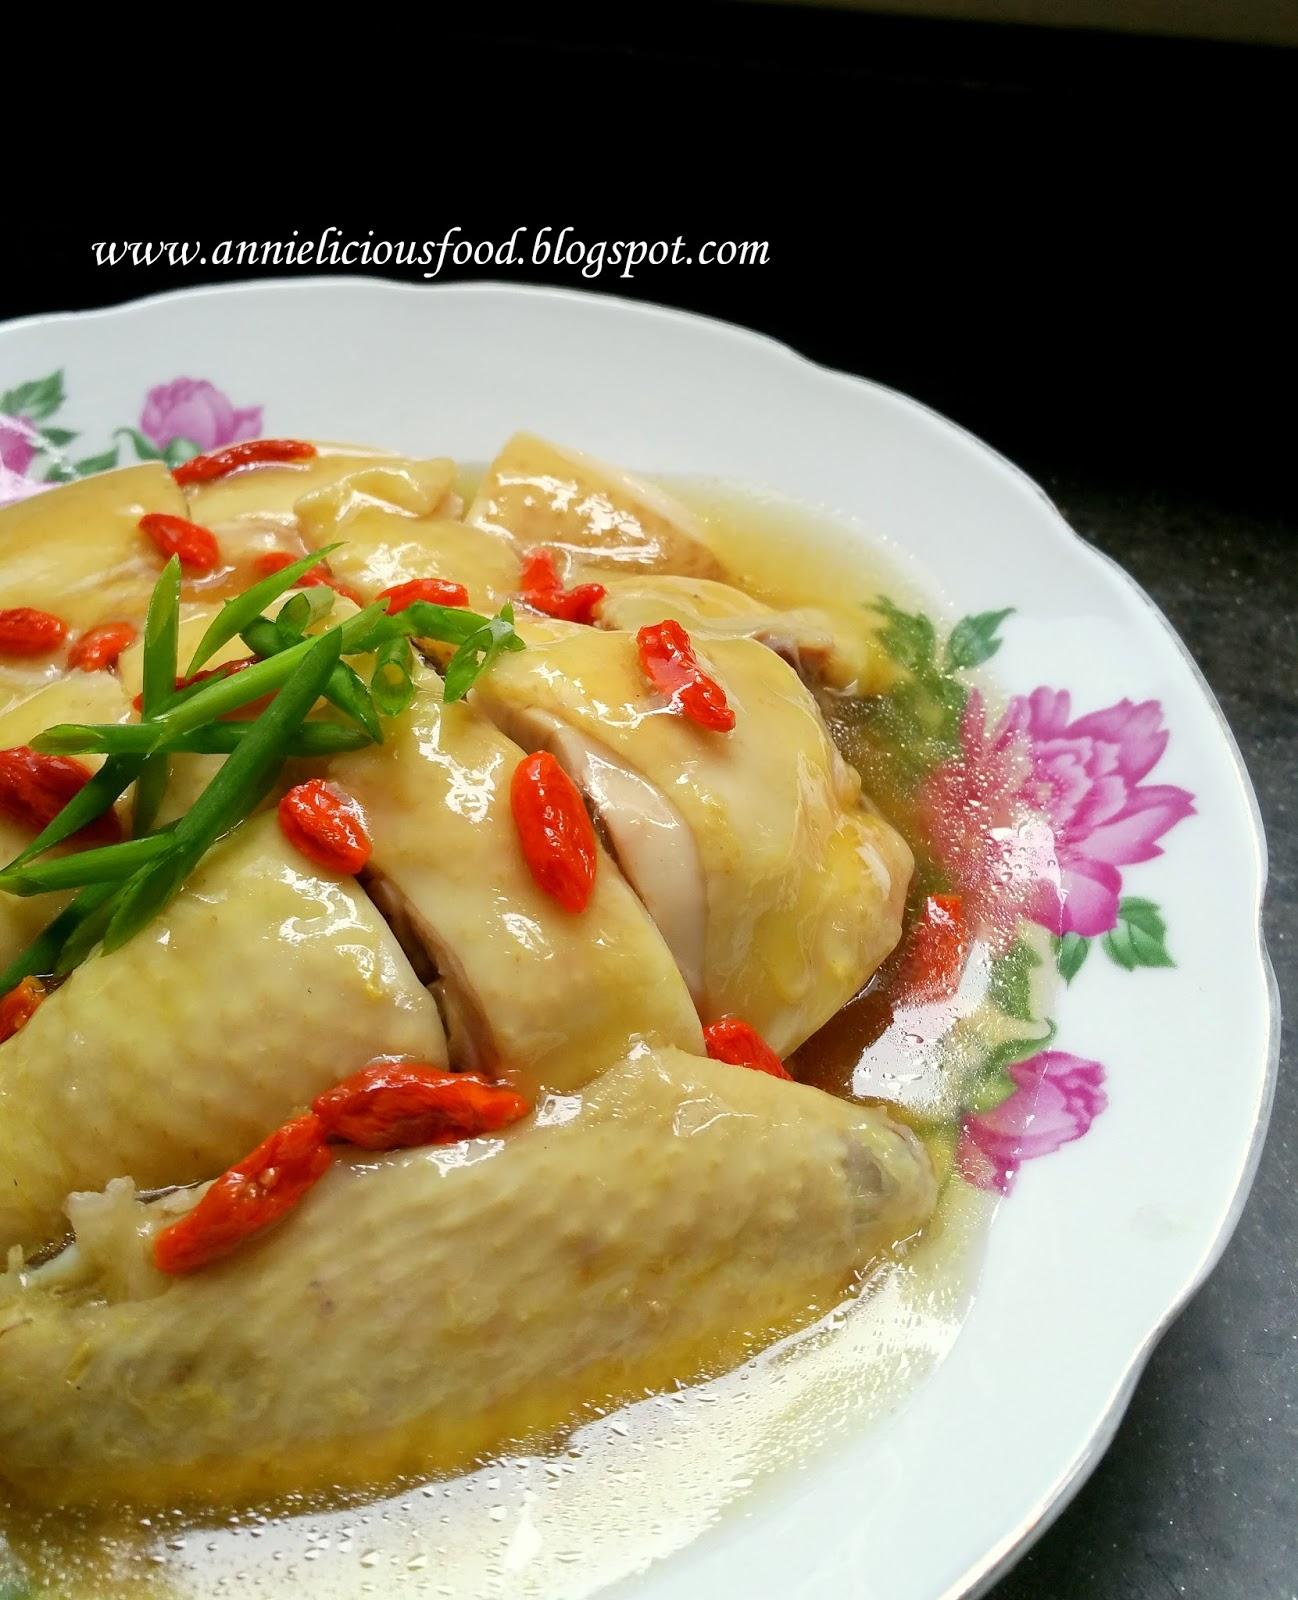 Annielicious food hong kong royal chicken hong kong royal chicken forumfinder Image collections